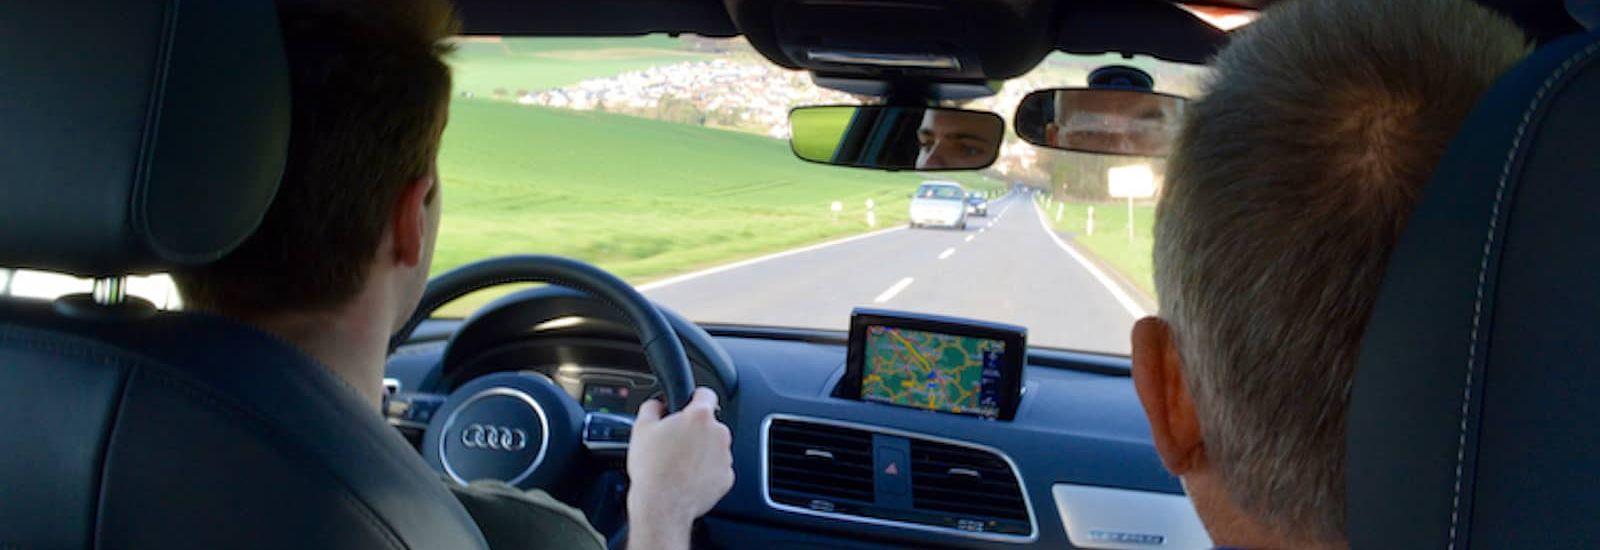 Fahrstunde im Audi Q3